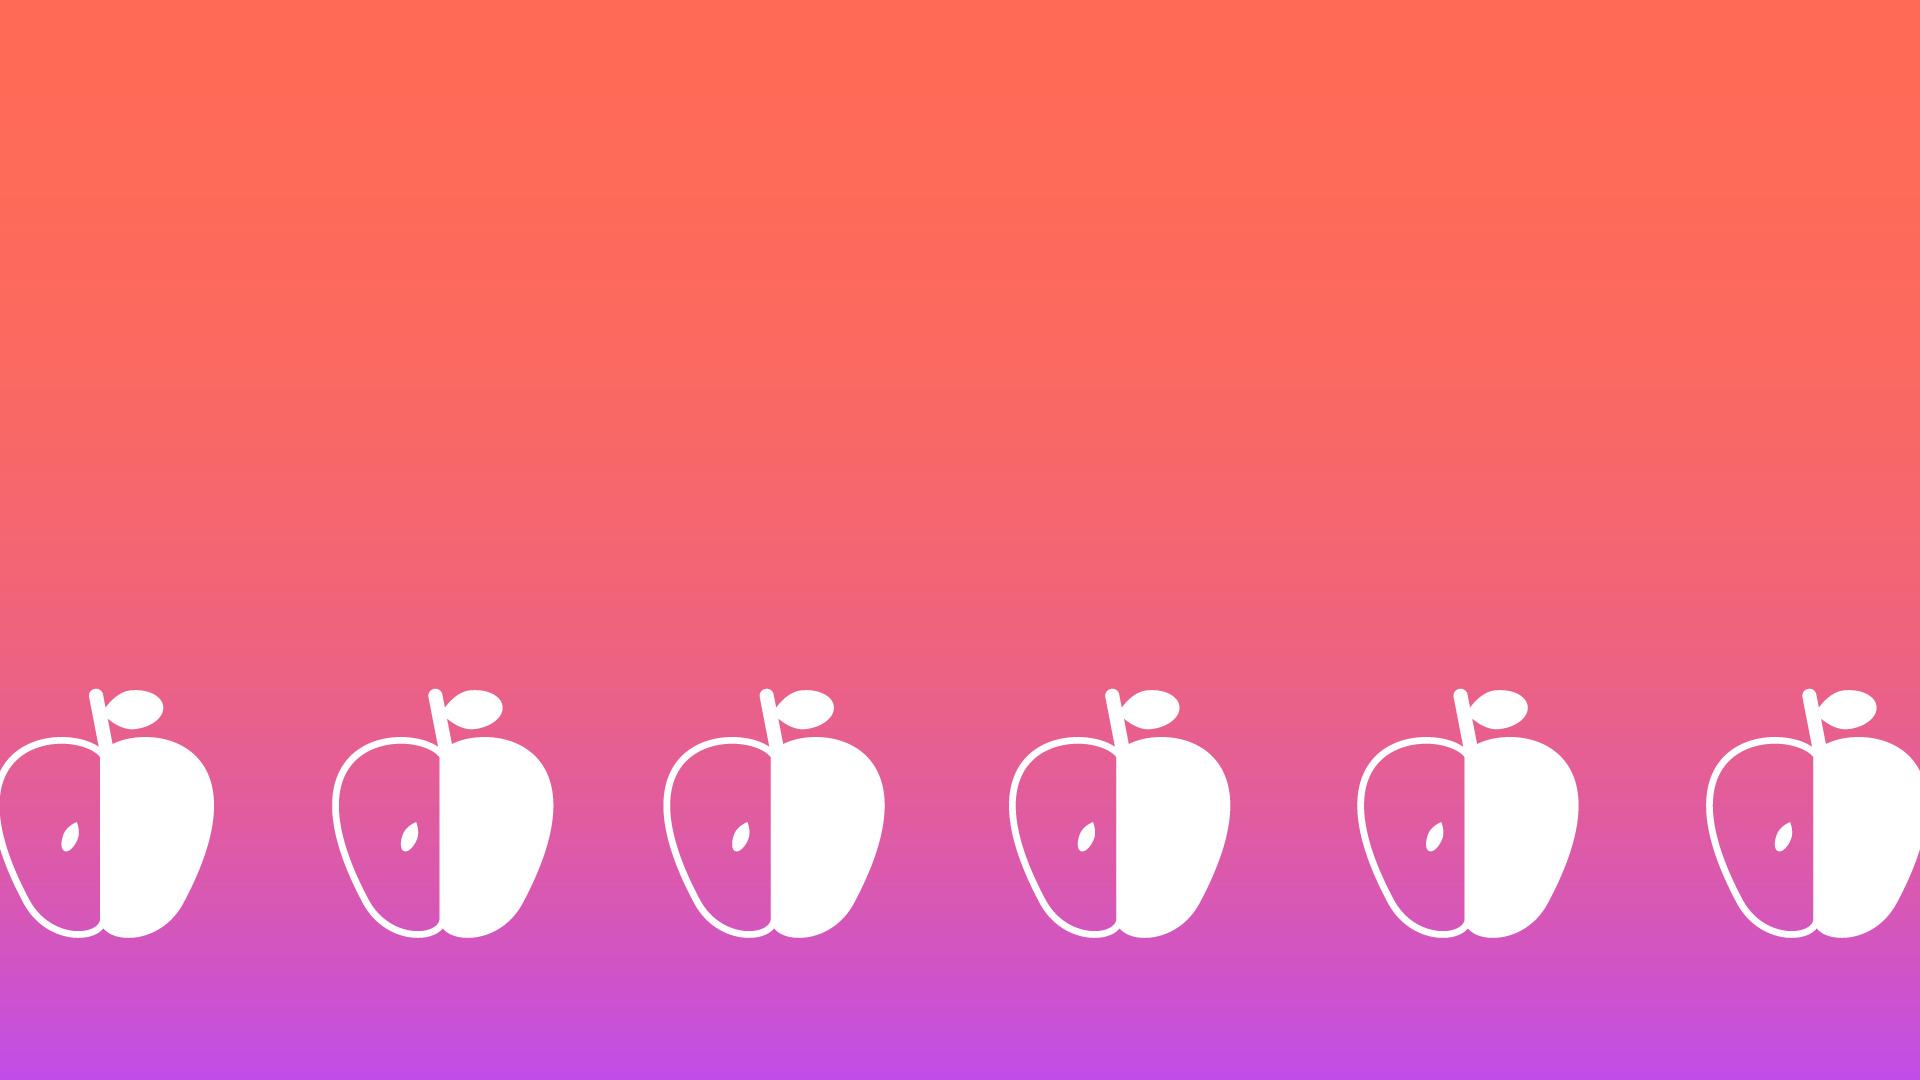 オレンジ色のグラデーション背景のりんごの模様の壁紙・背景素材 1,920px×1,080px